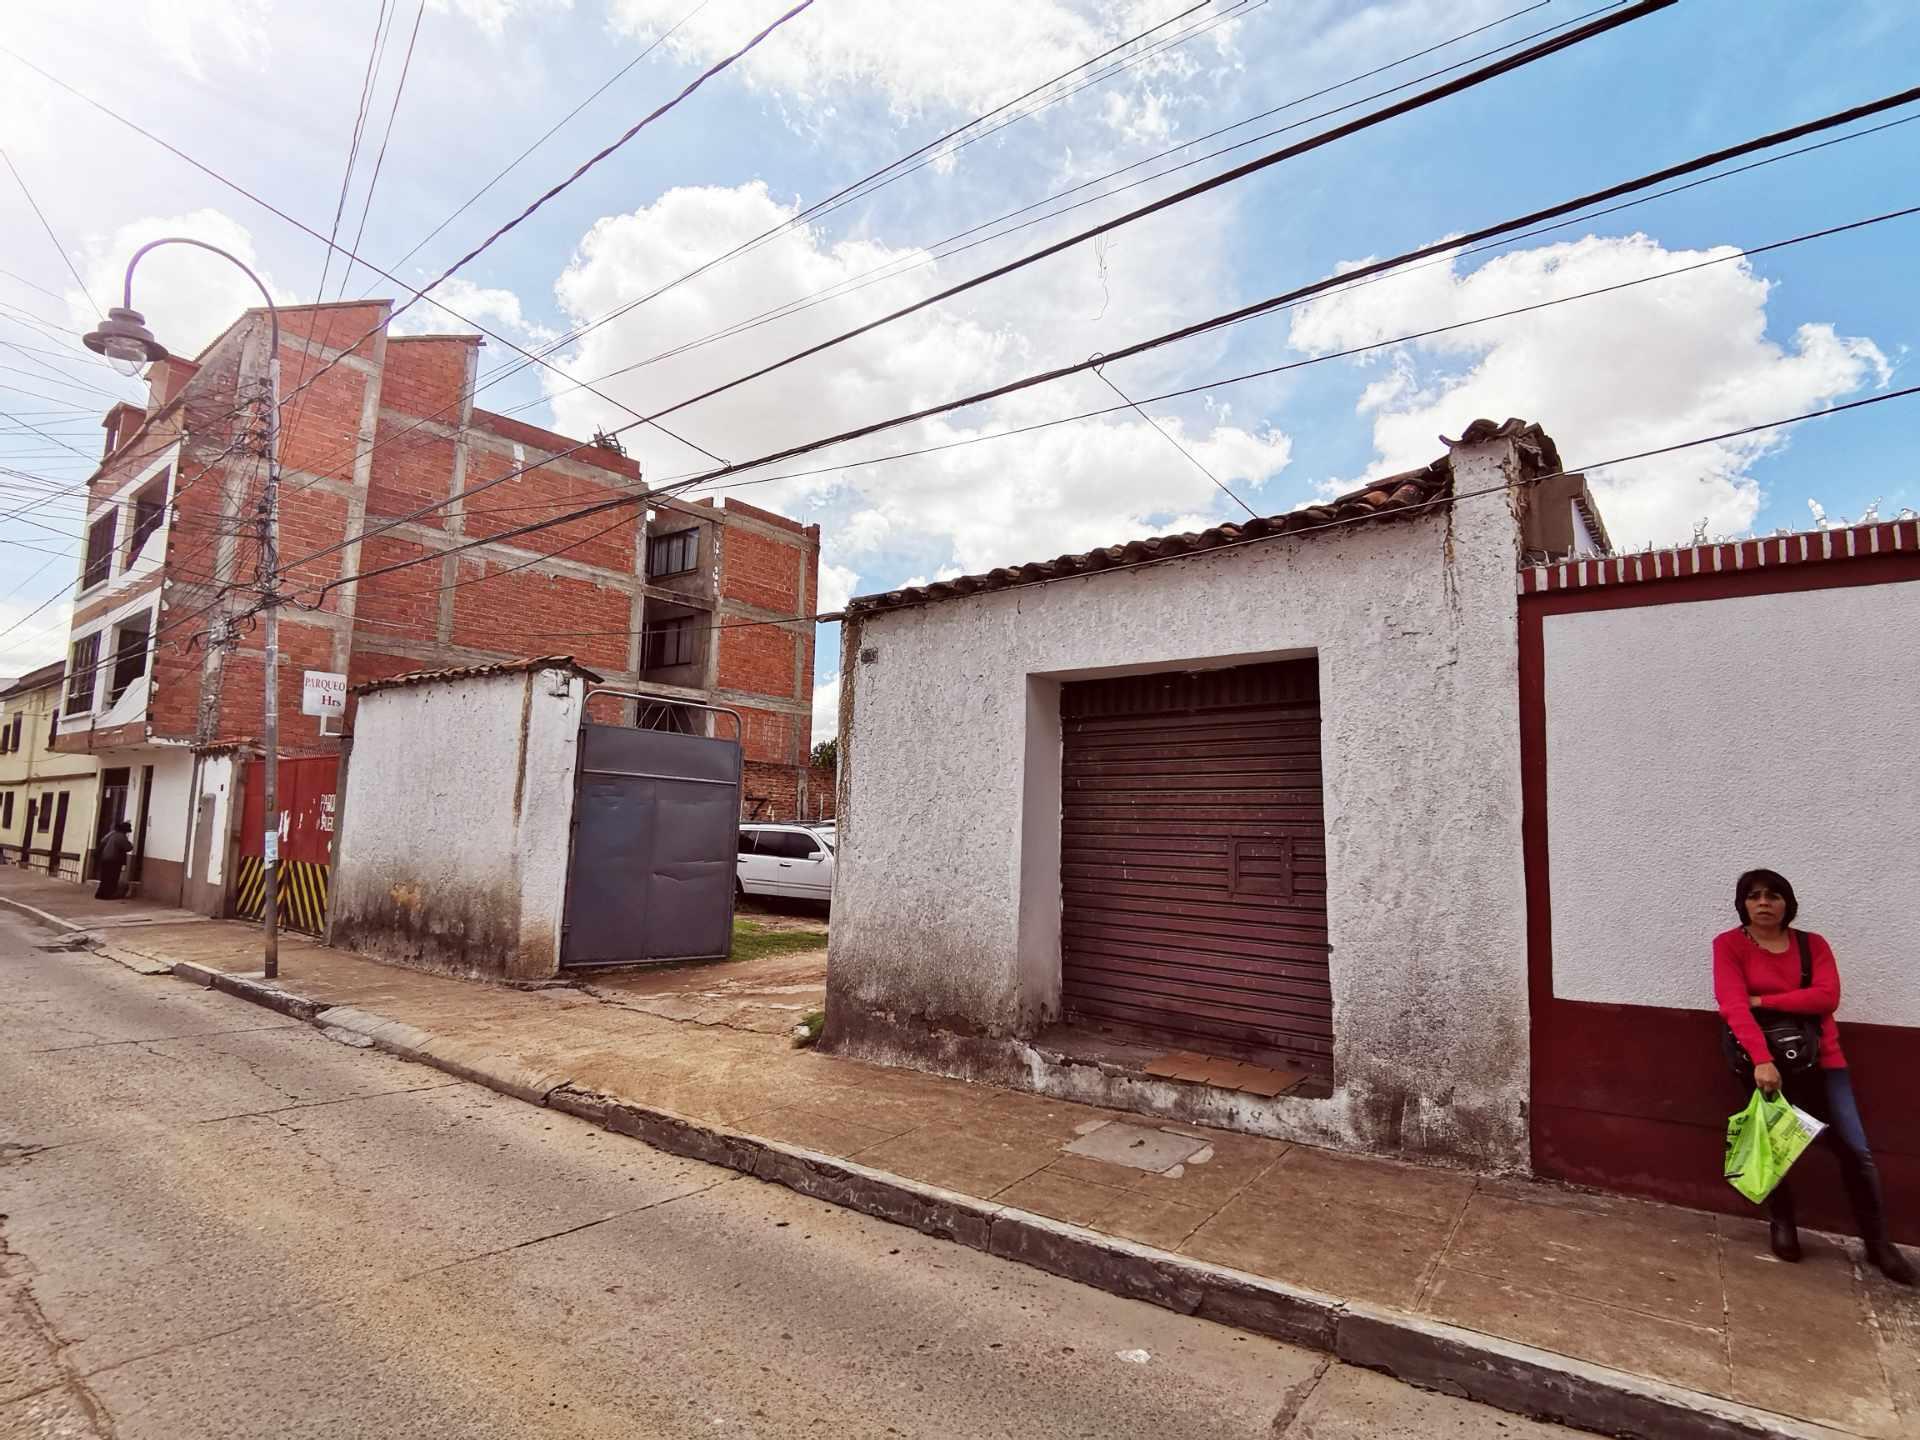 Terreno en Venta Zona Central. Calle Ayacucho nro. 437 Foto 1